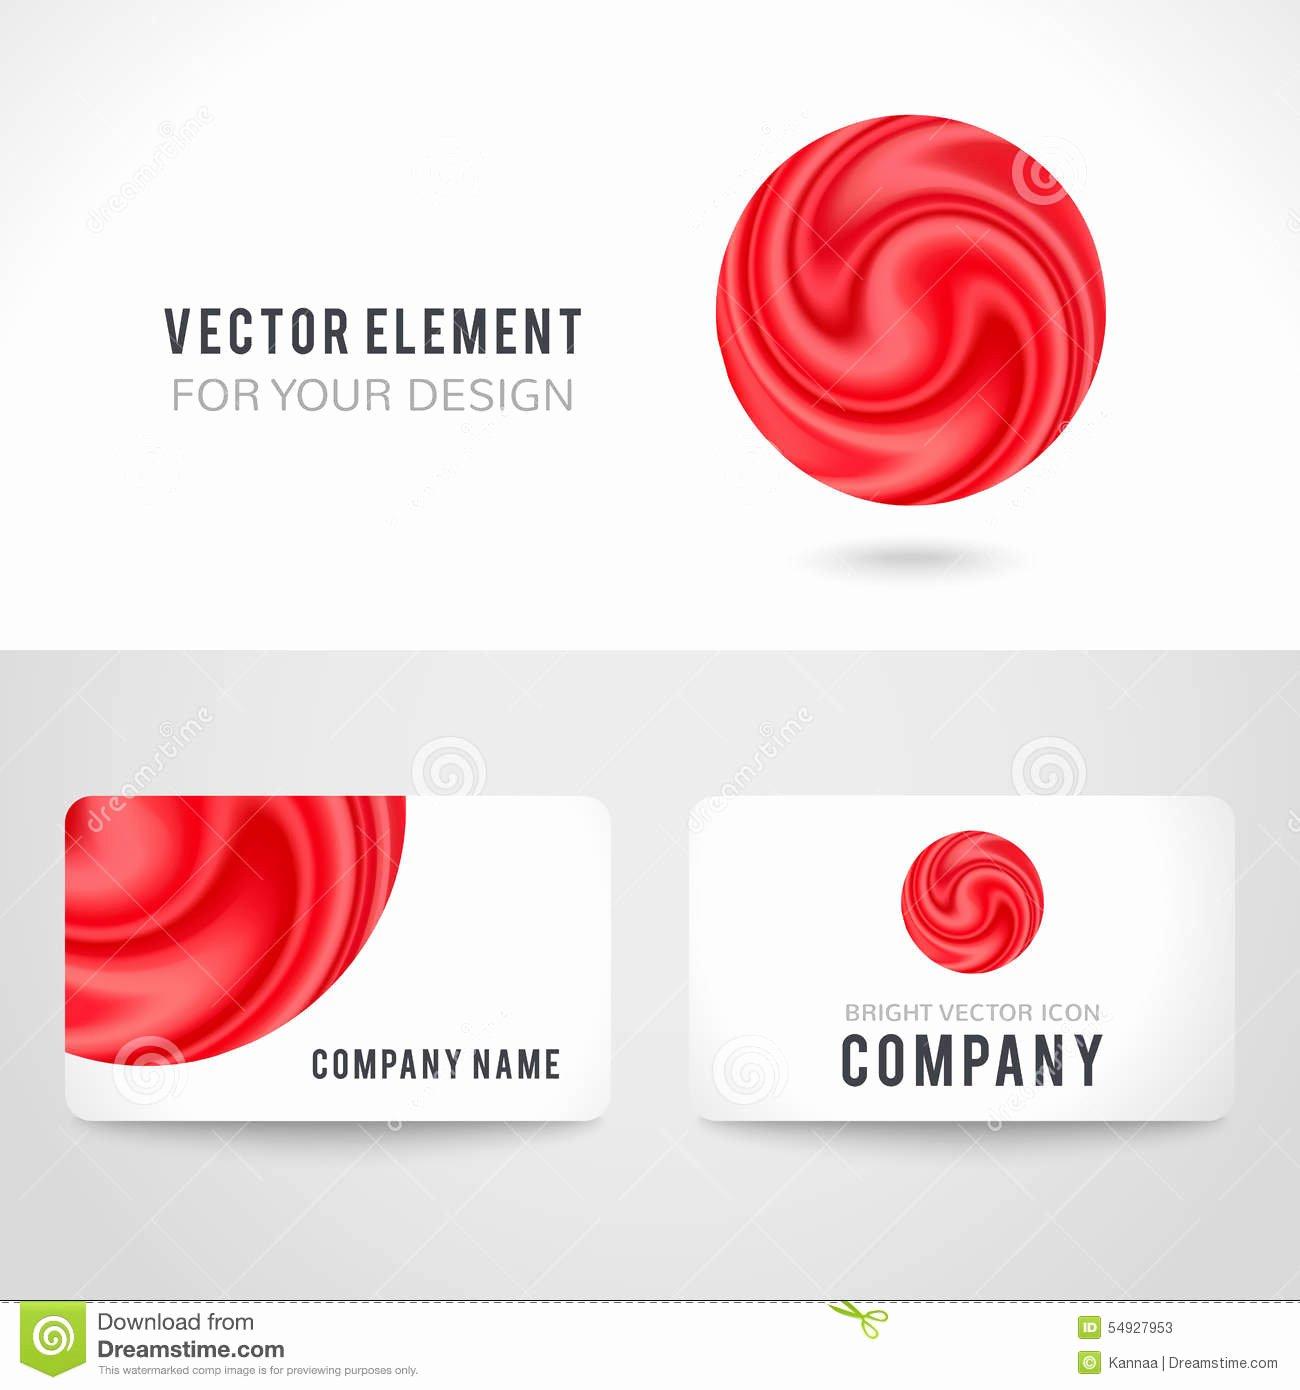 Circle Business Card Template Inspirational Business Card Template Set Abstract Red Circle Stock